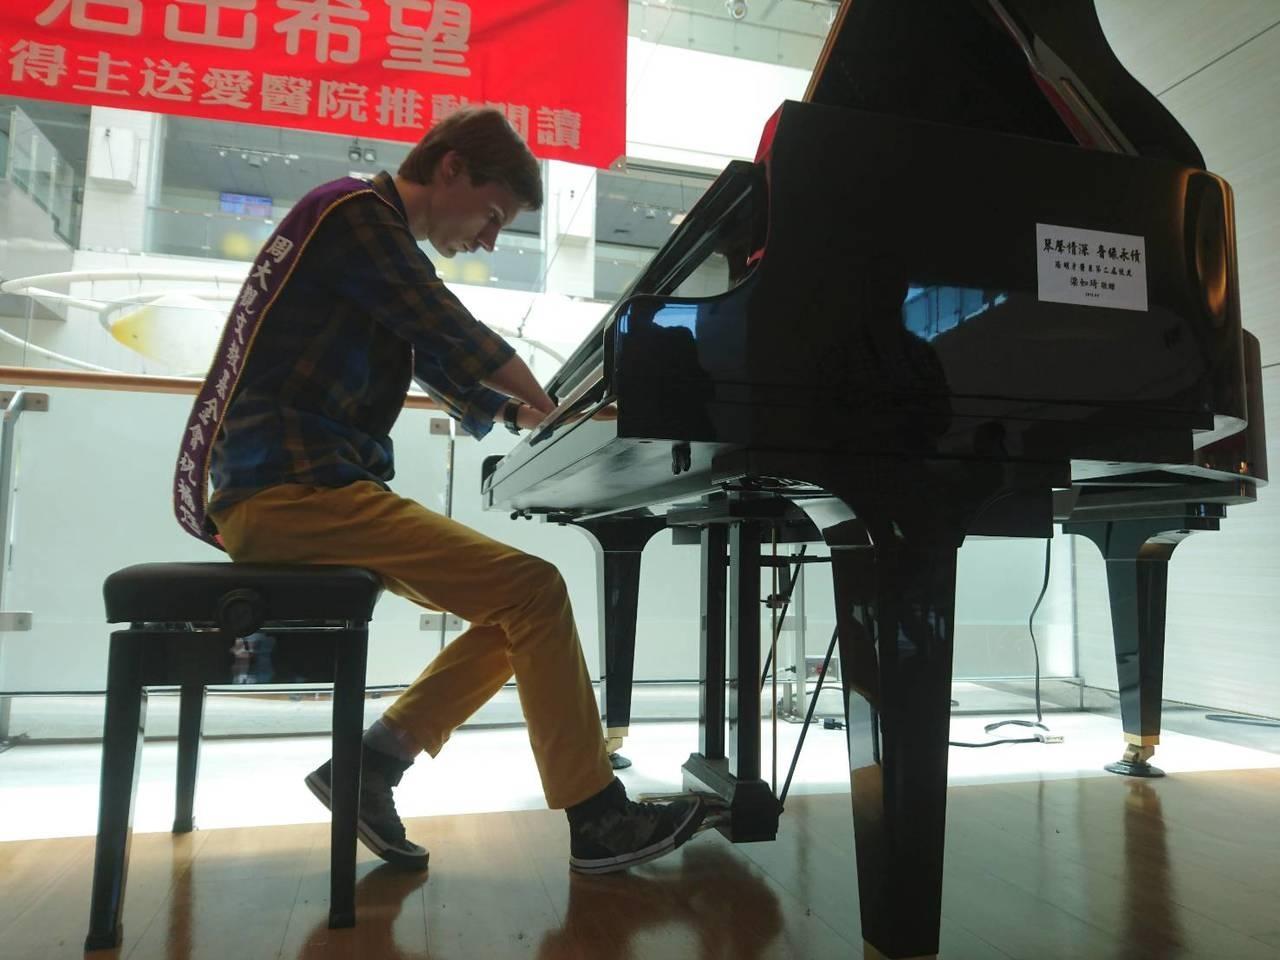 沒有手怎麼彈鋼琴?俄羅斯鋼琴家羅曼諾夫天生沒手,今天在陽明大學附設醫院演奏,一曲動容。記者羅建旺/攝影